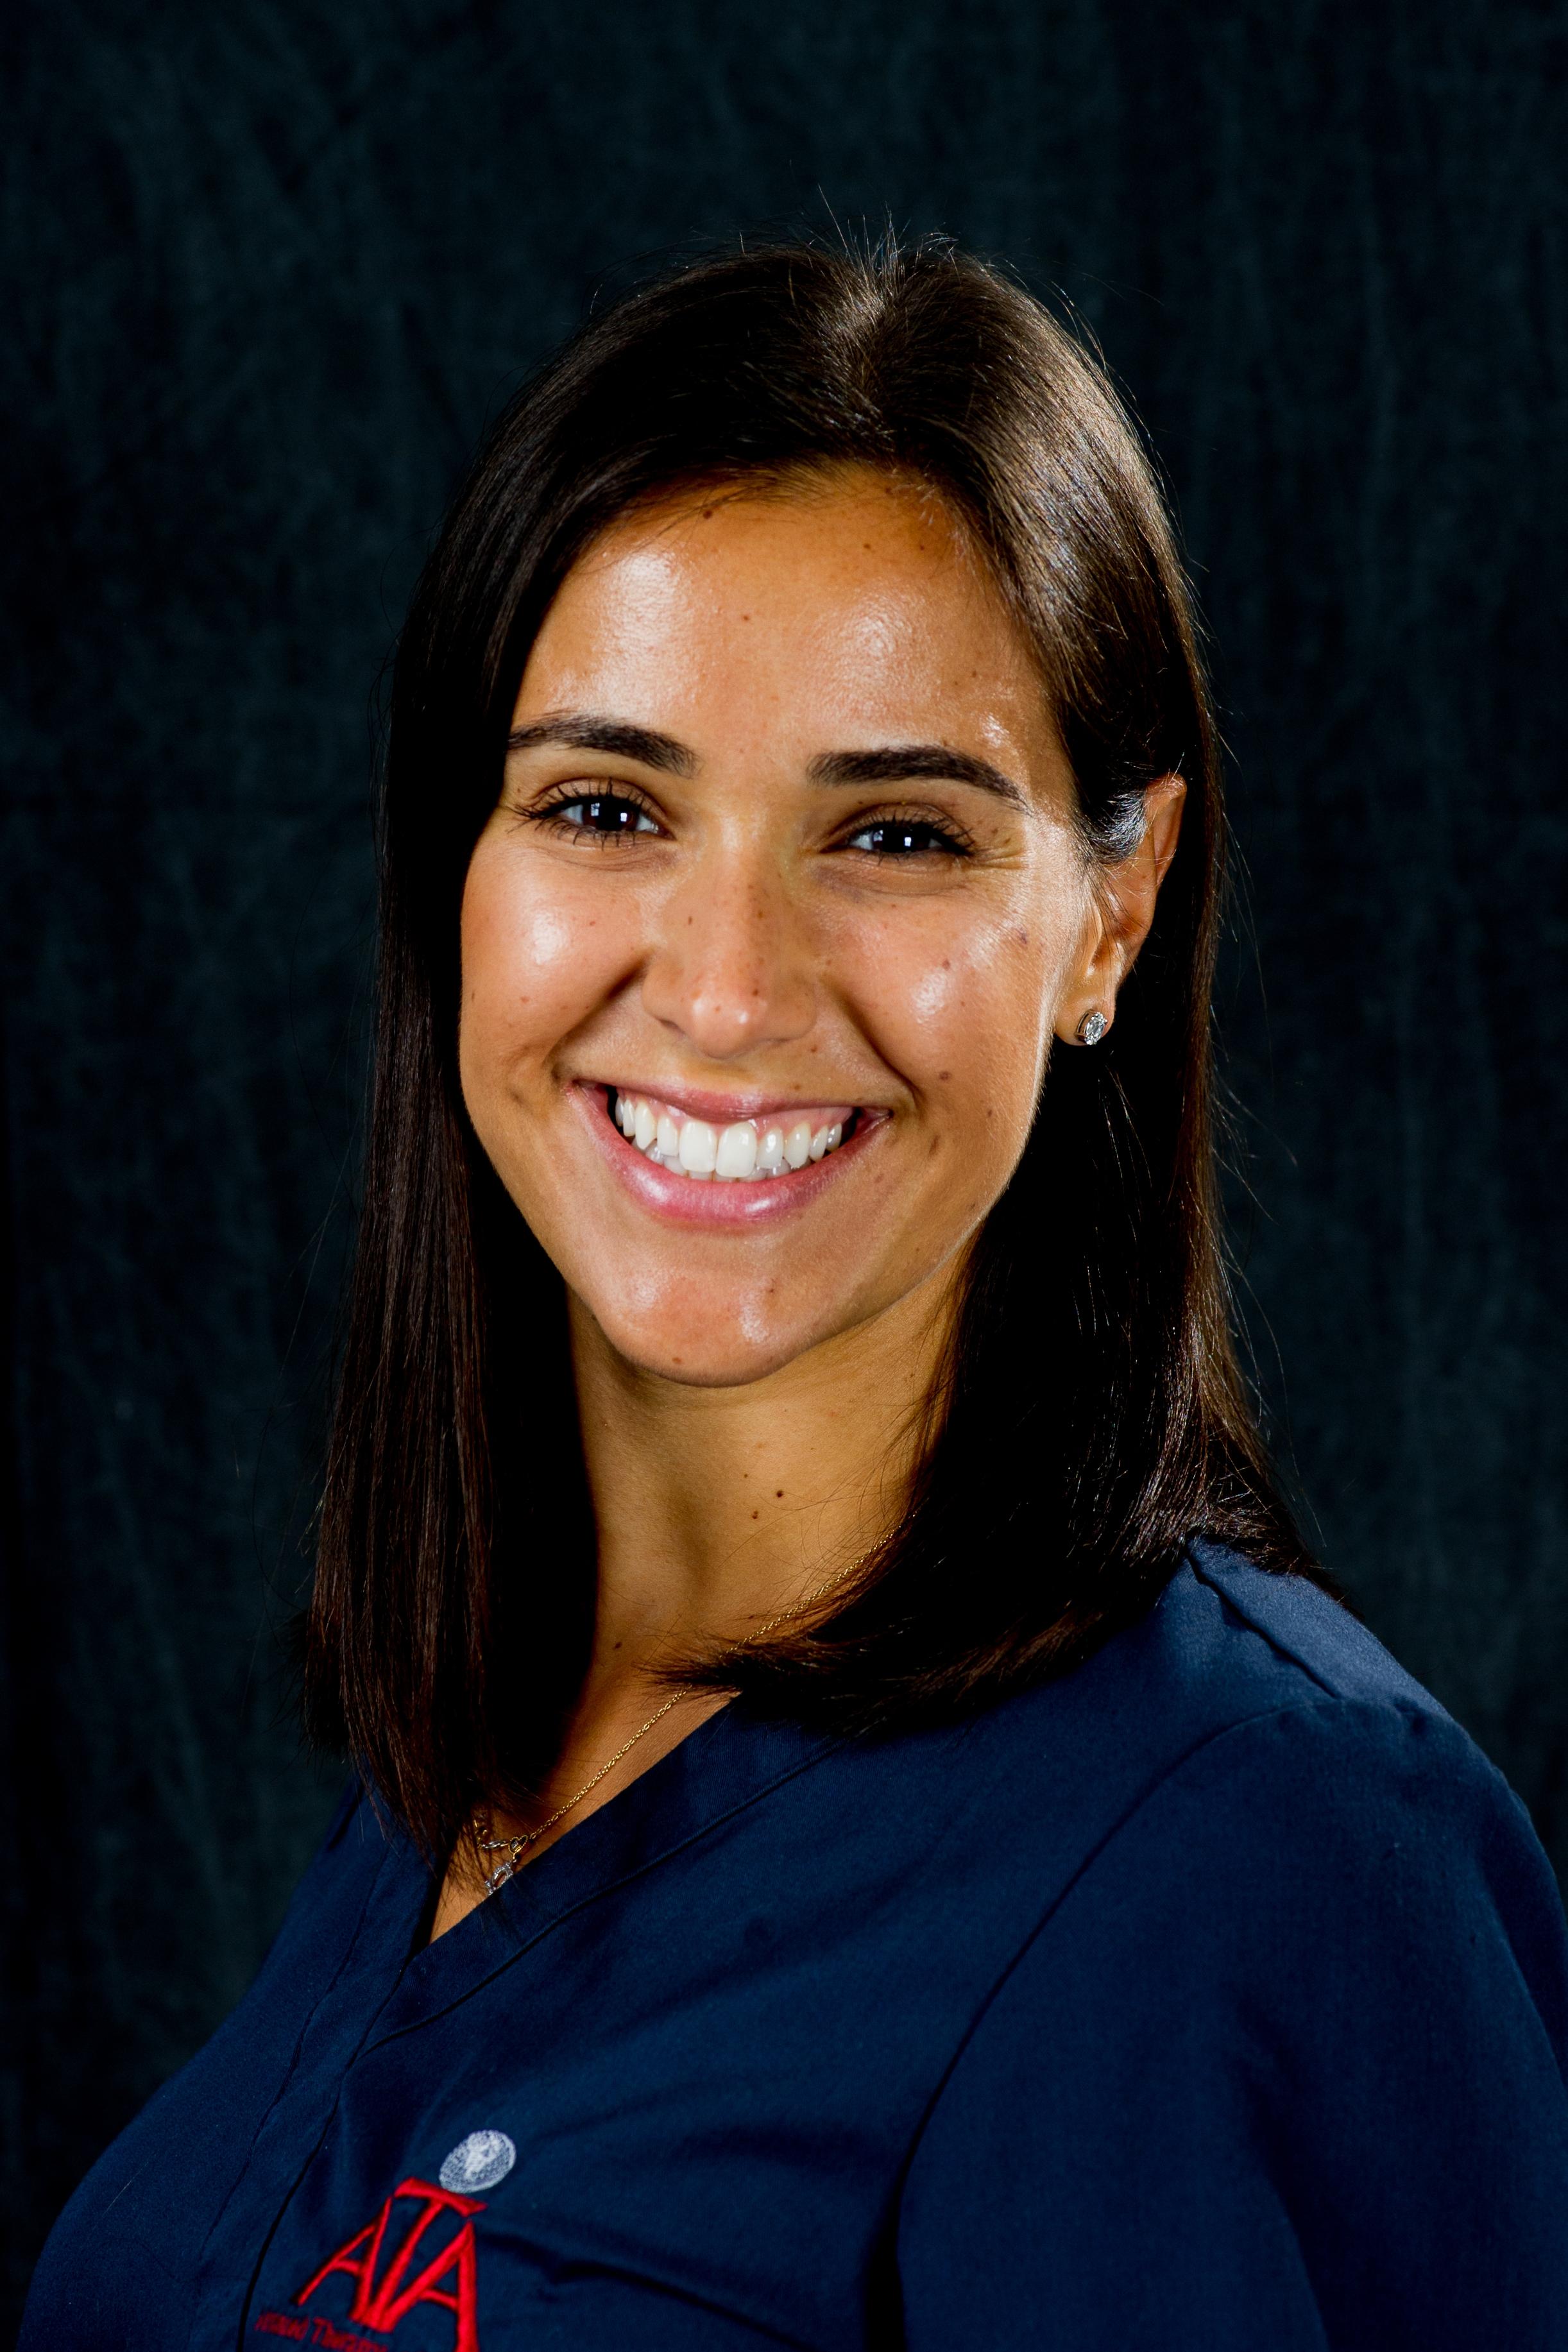 Karen Lelchuk, M.S. CCC-SLP